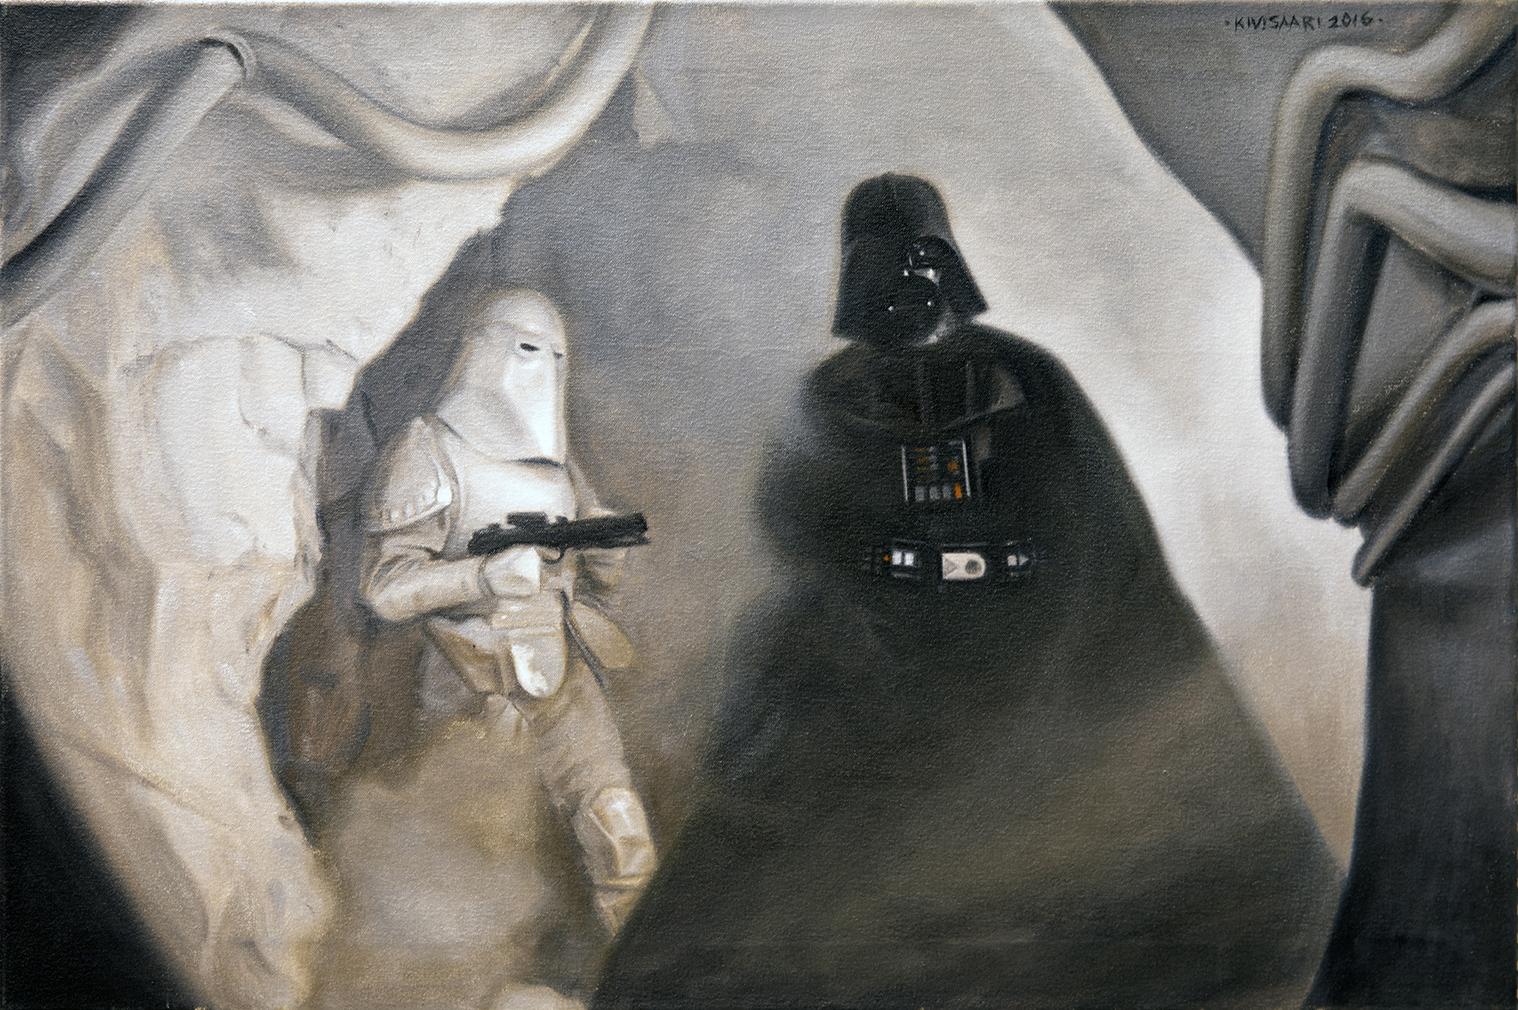 Darth Vader ja stormtrooper mekaanisen harmaassa ympäristössä.